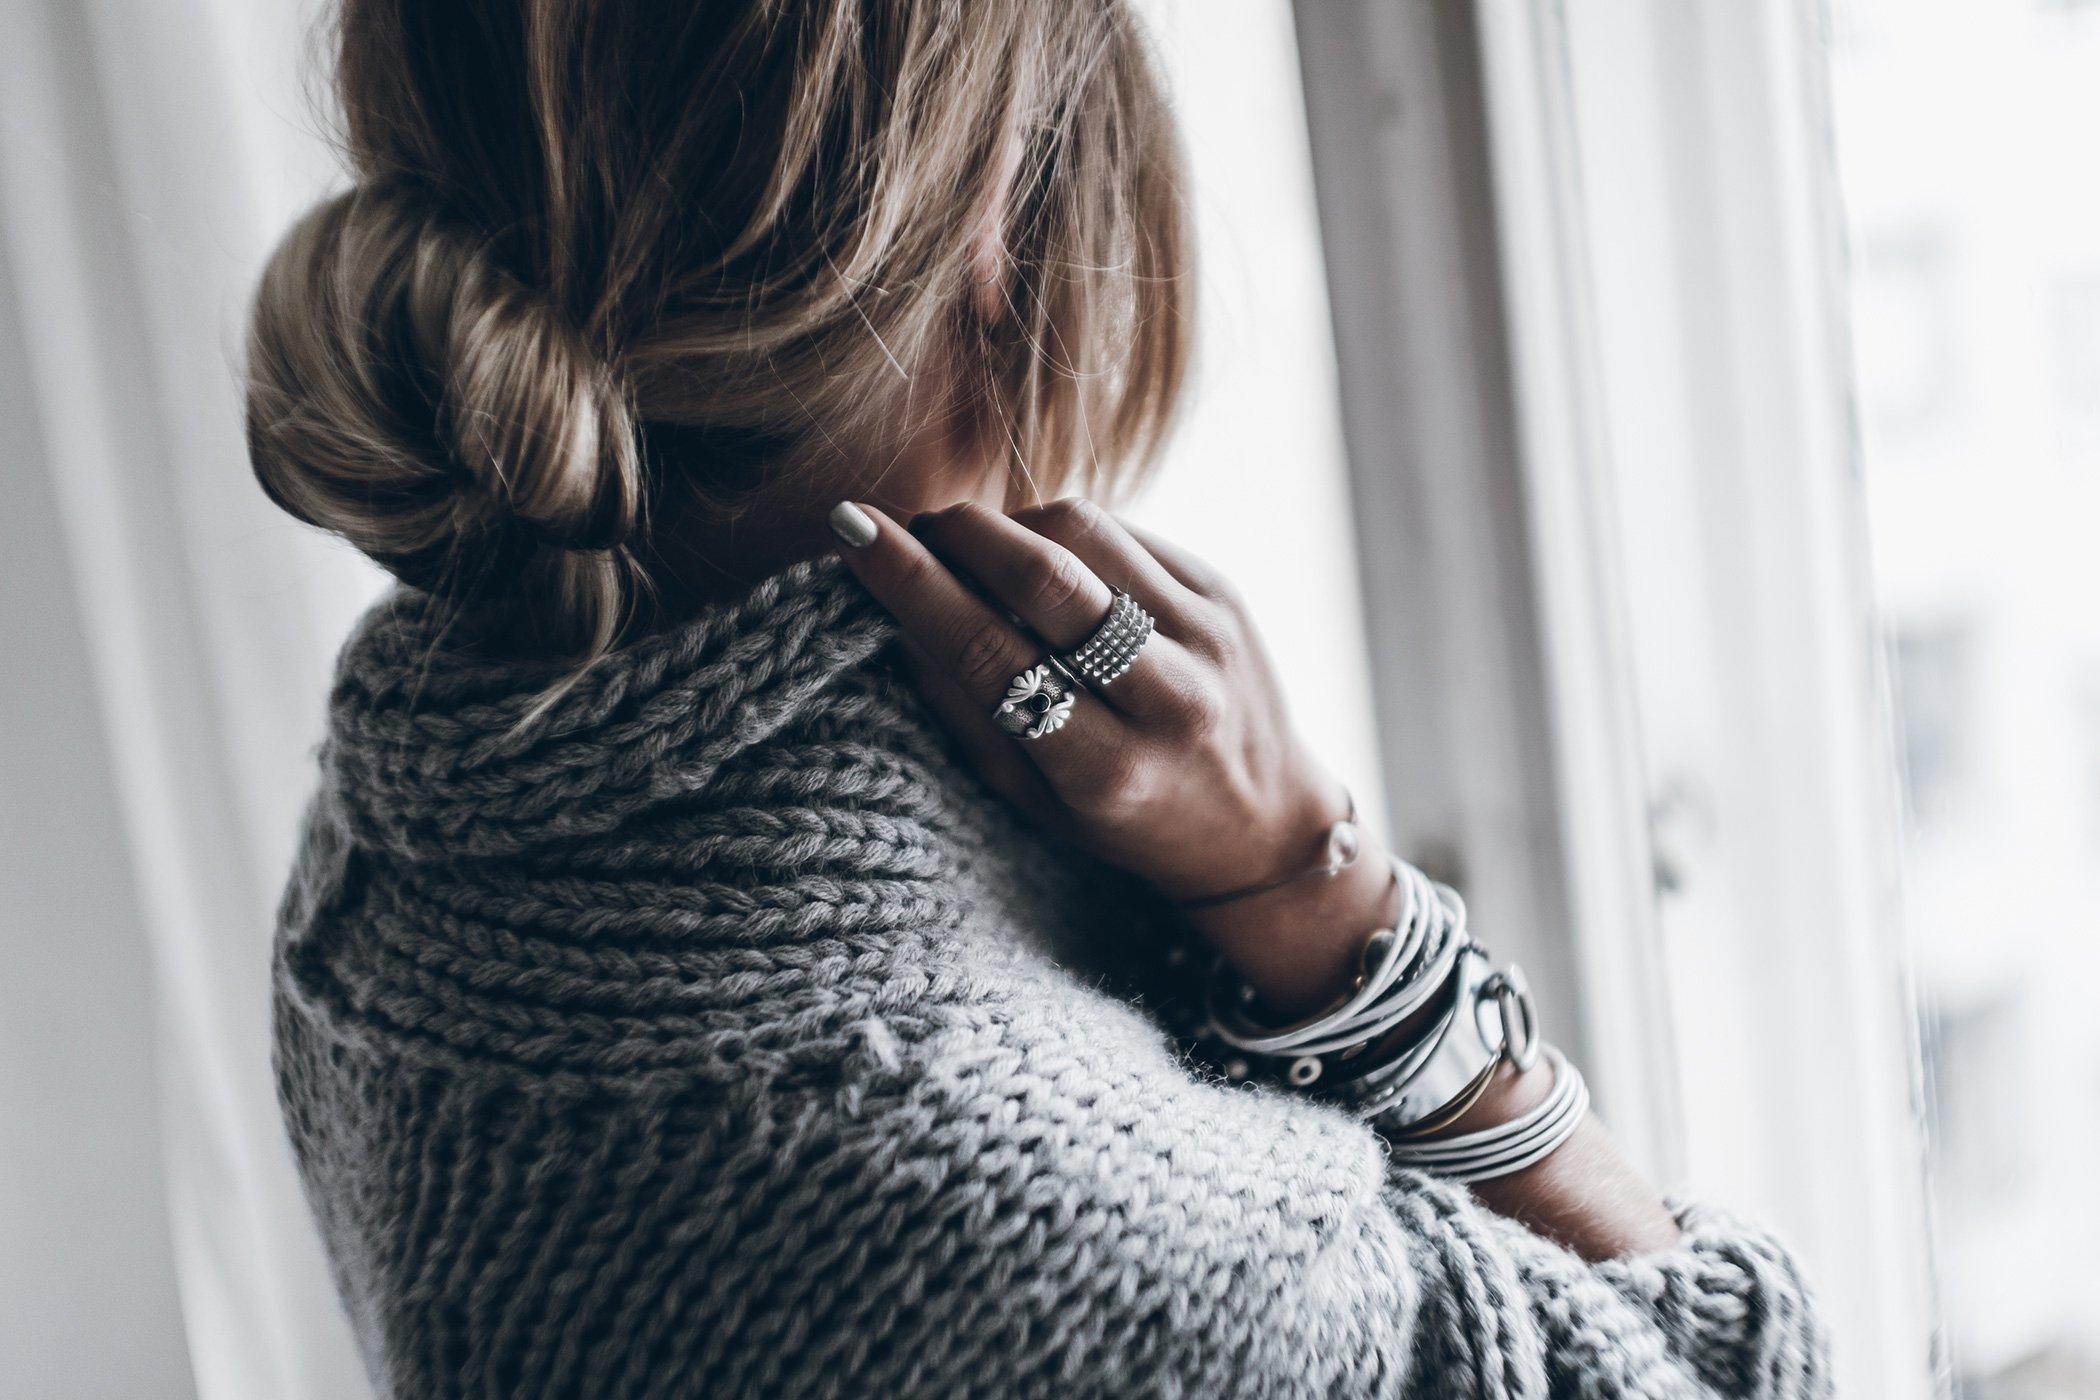 mikuta-silver-nails-3